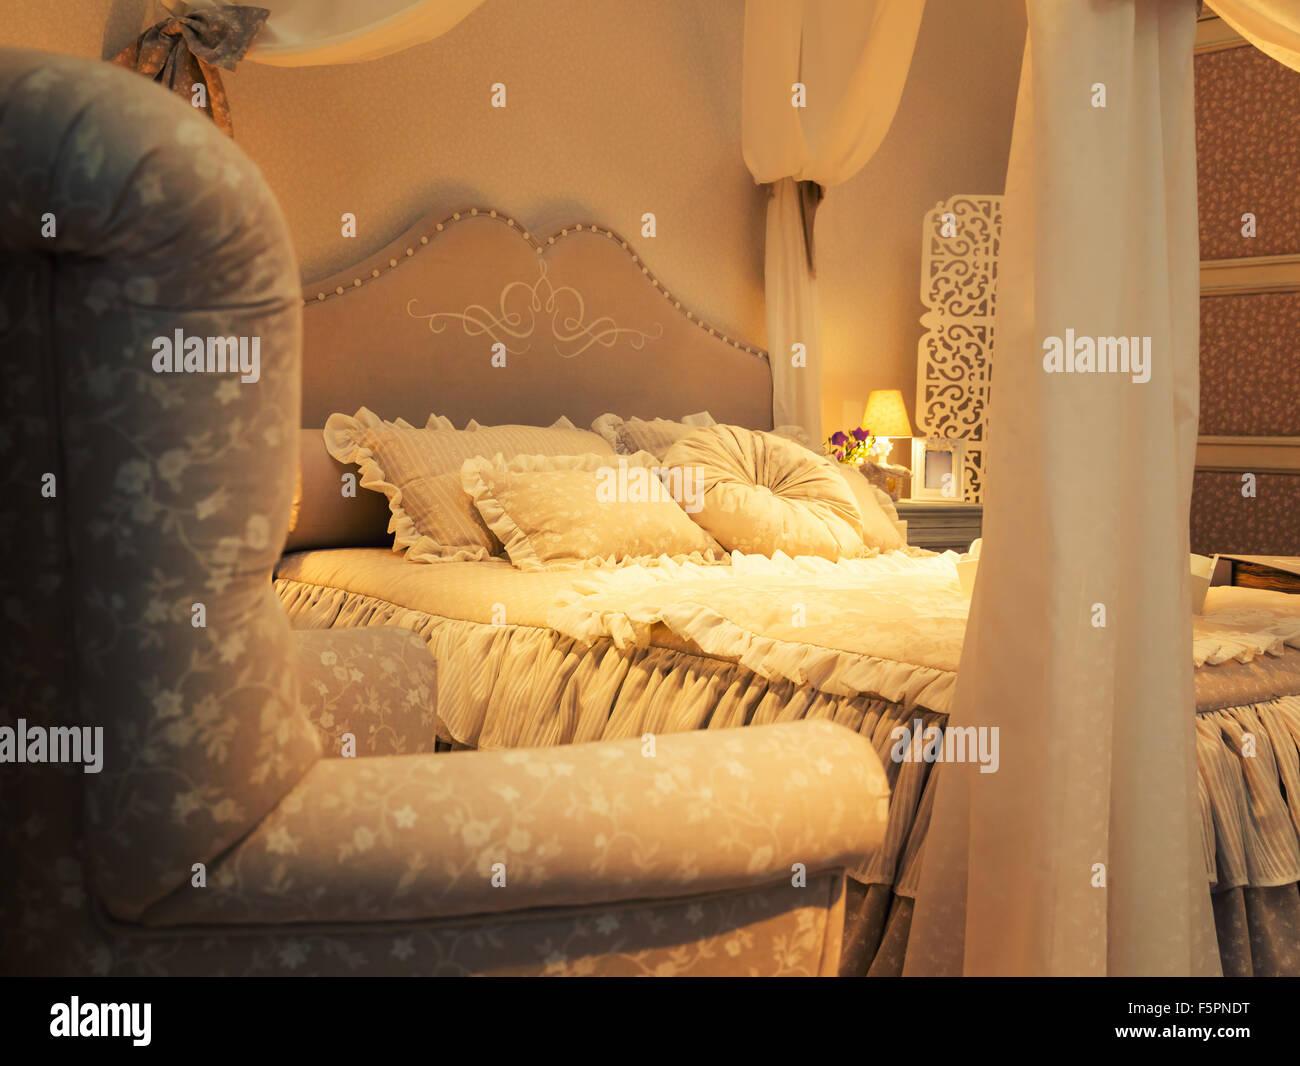 Bel lusso letto grande con cuscini in una camera da letto Immagini Stock